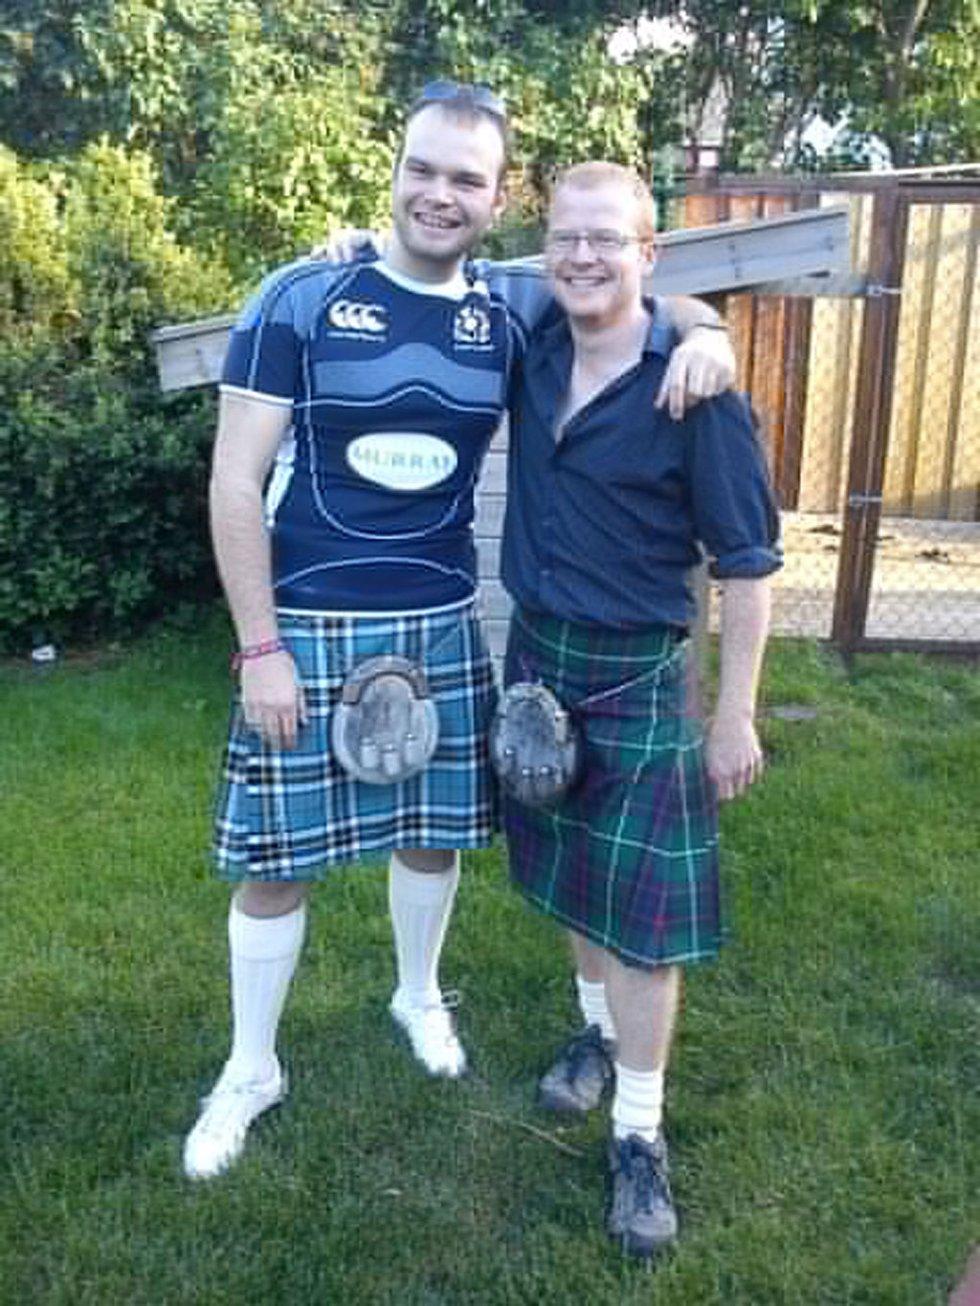 Venner fra Skottland på Stavernfestivalen. (Foto: Privat)